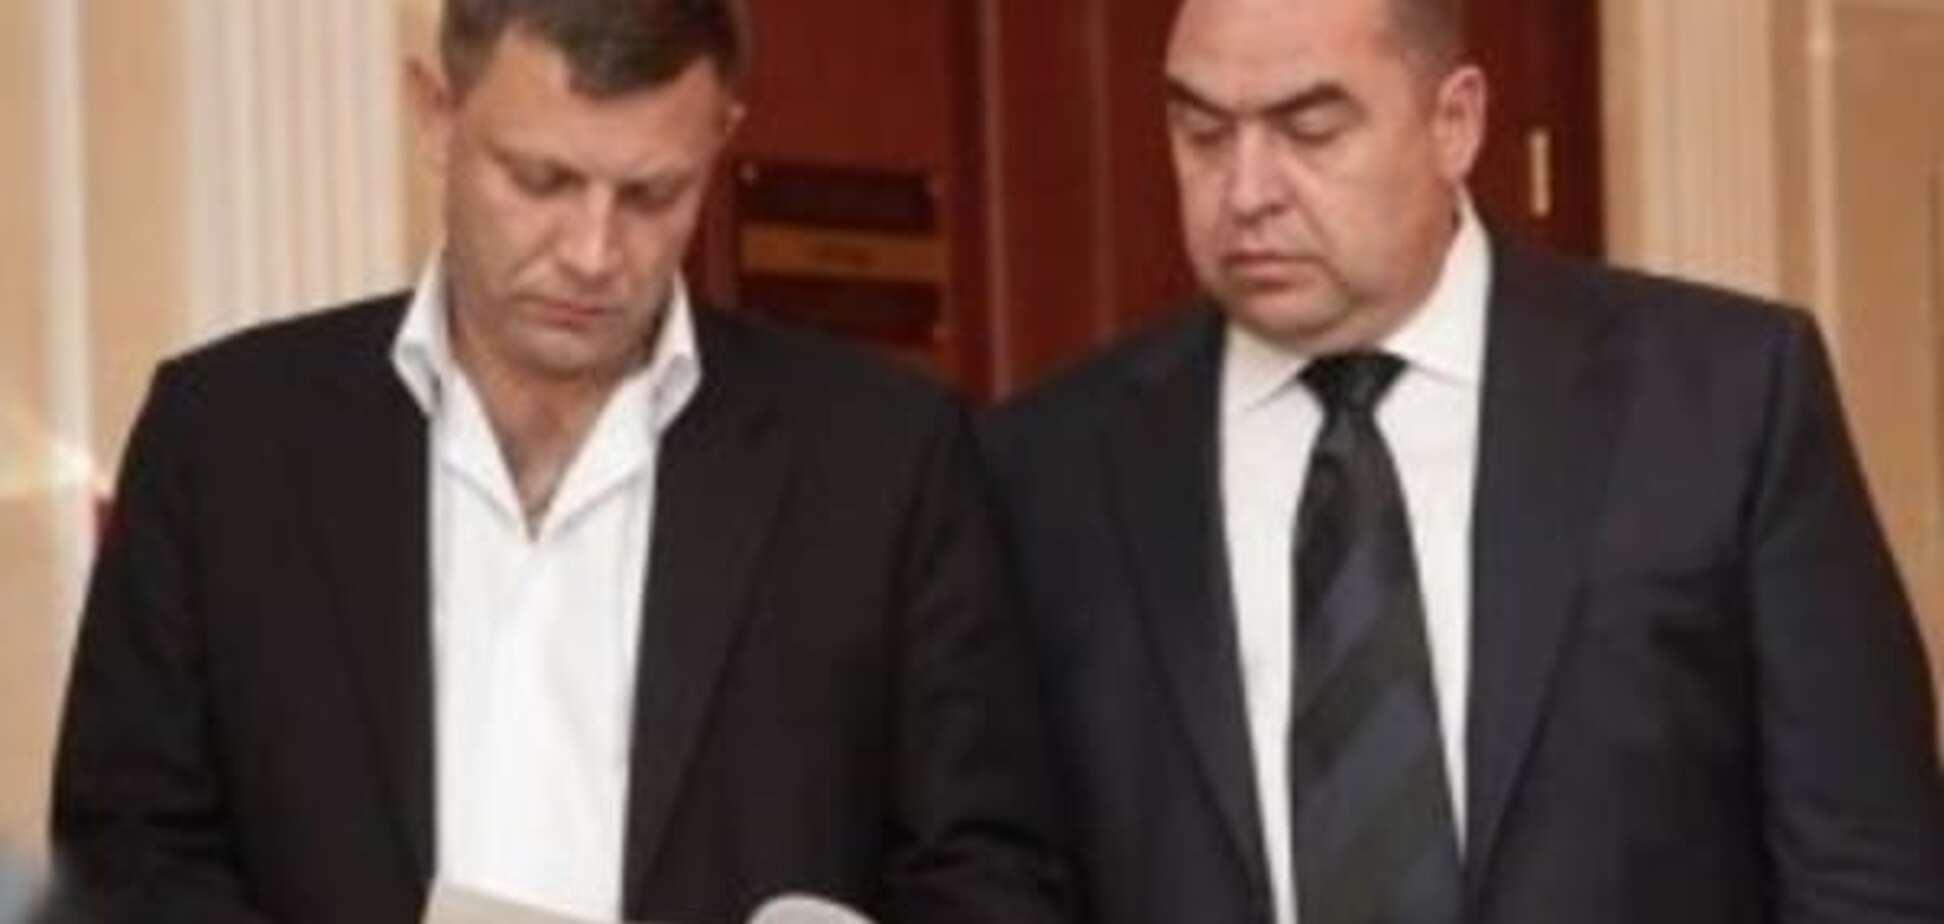 Ватажки 'ДНР' і 'ЛНР' підписали угоду про відвід озброєнь